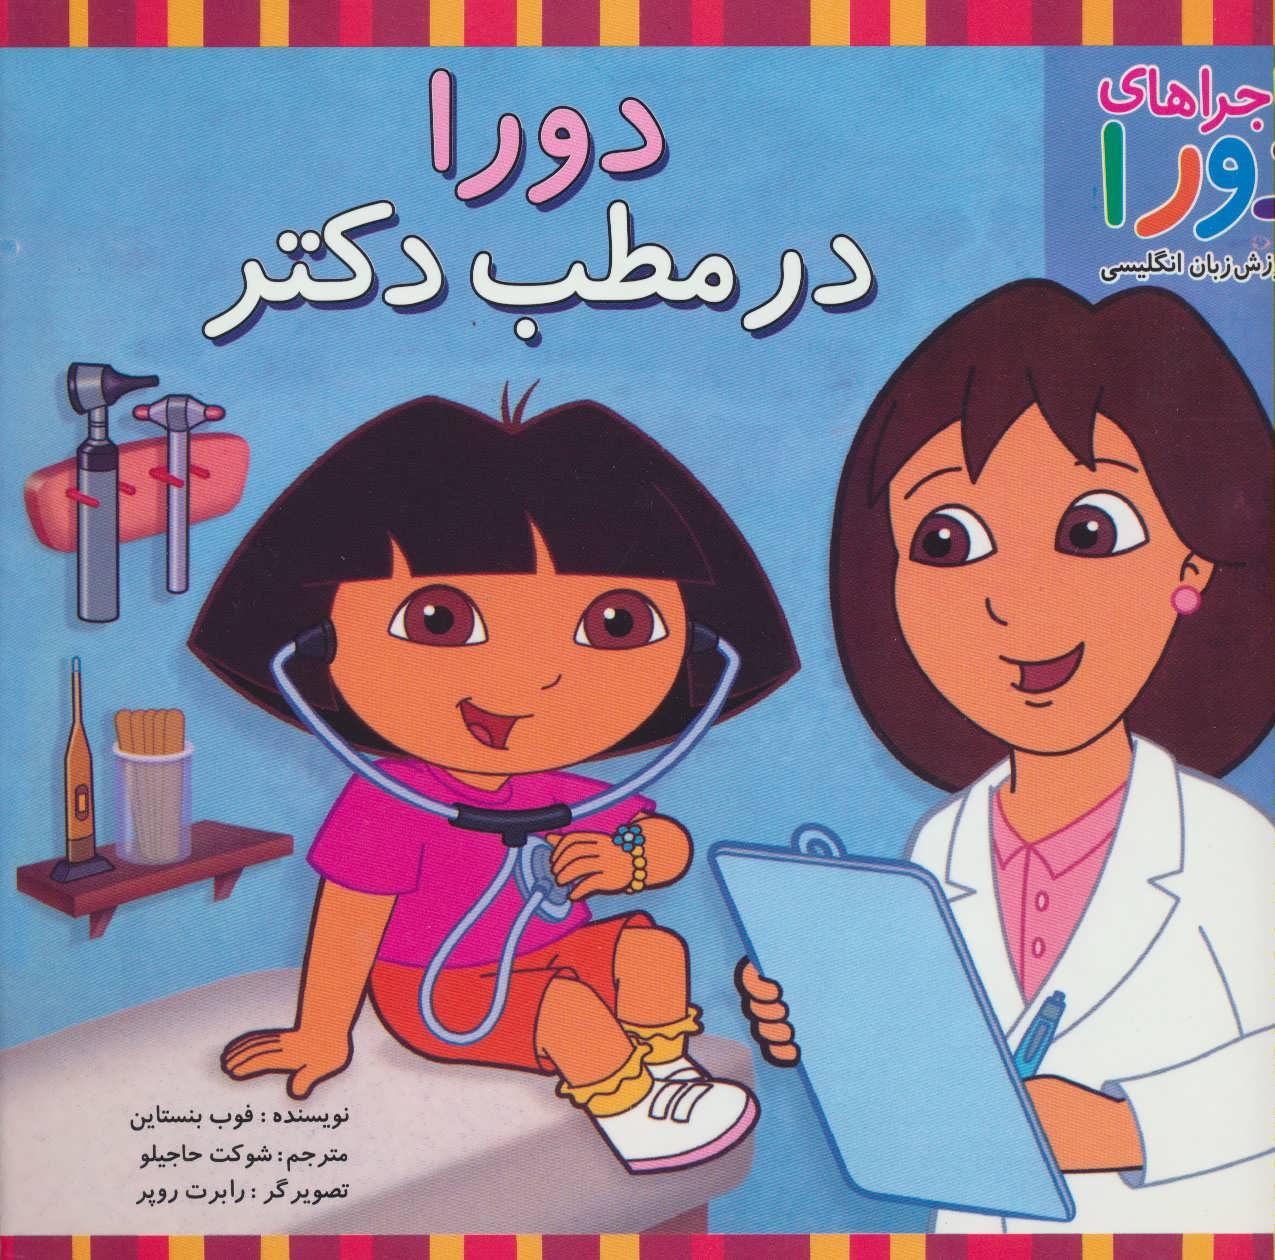 دورا در مطب دکتر (ماجراهای دورا و آموزش زبان انگلیسی)،(2زبانه،گلاسه)